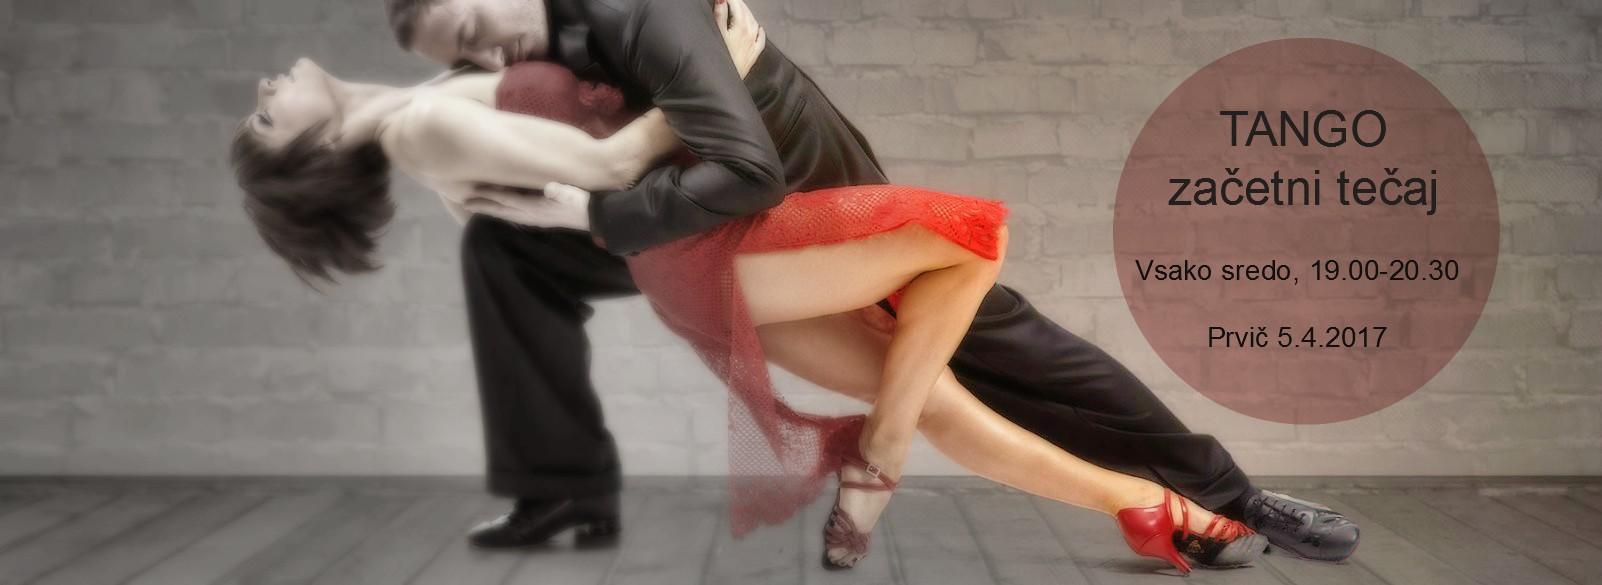 tango layer